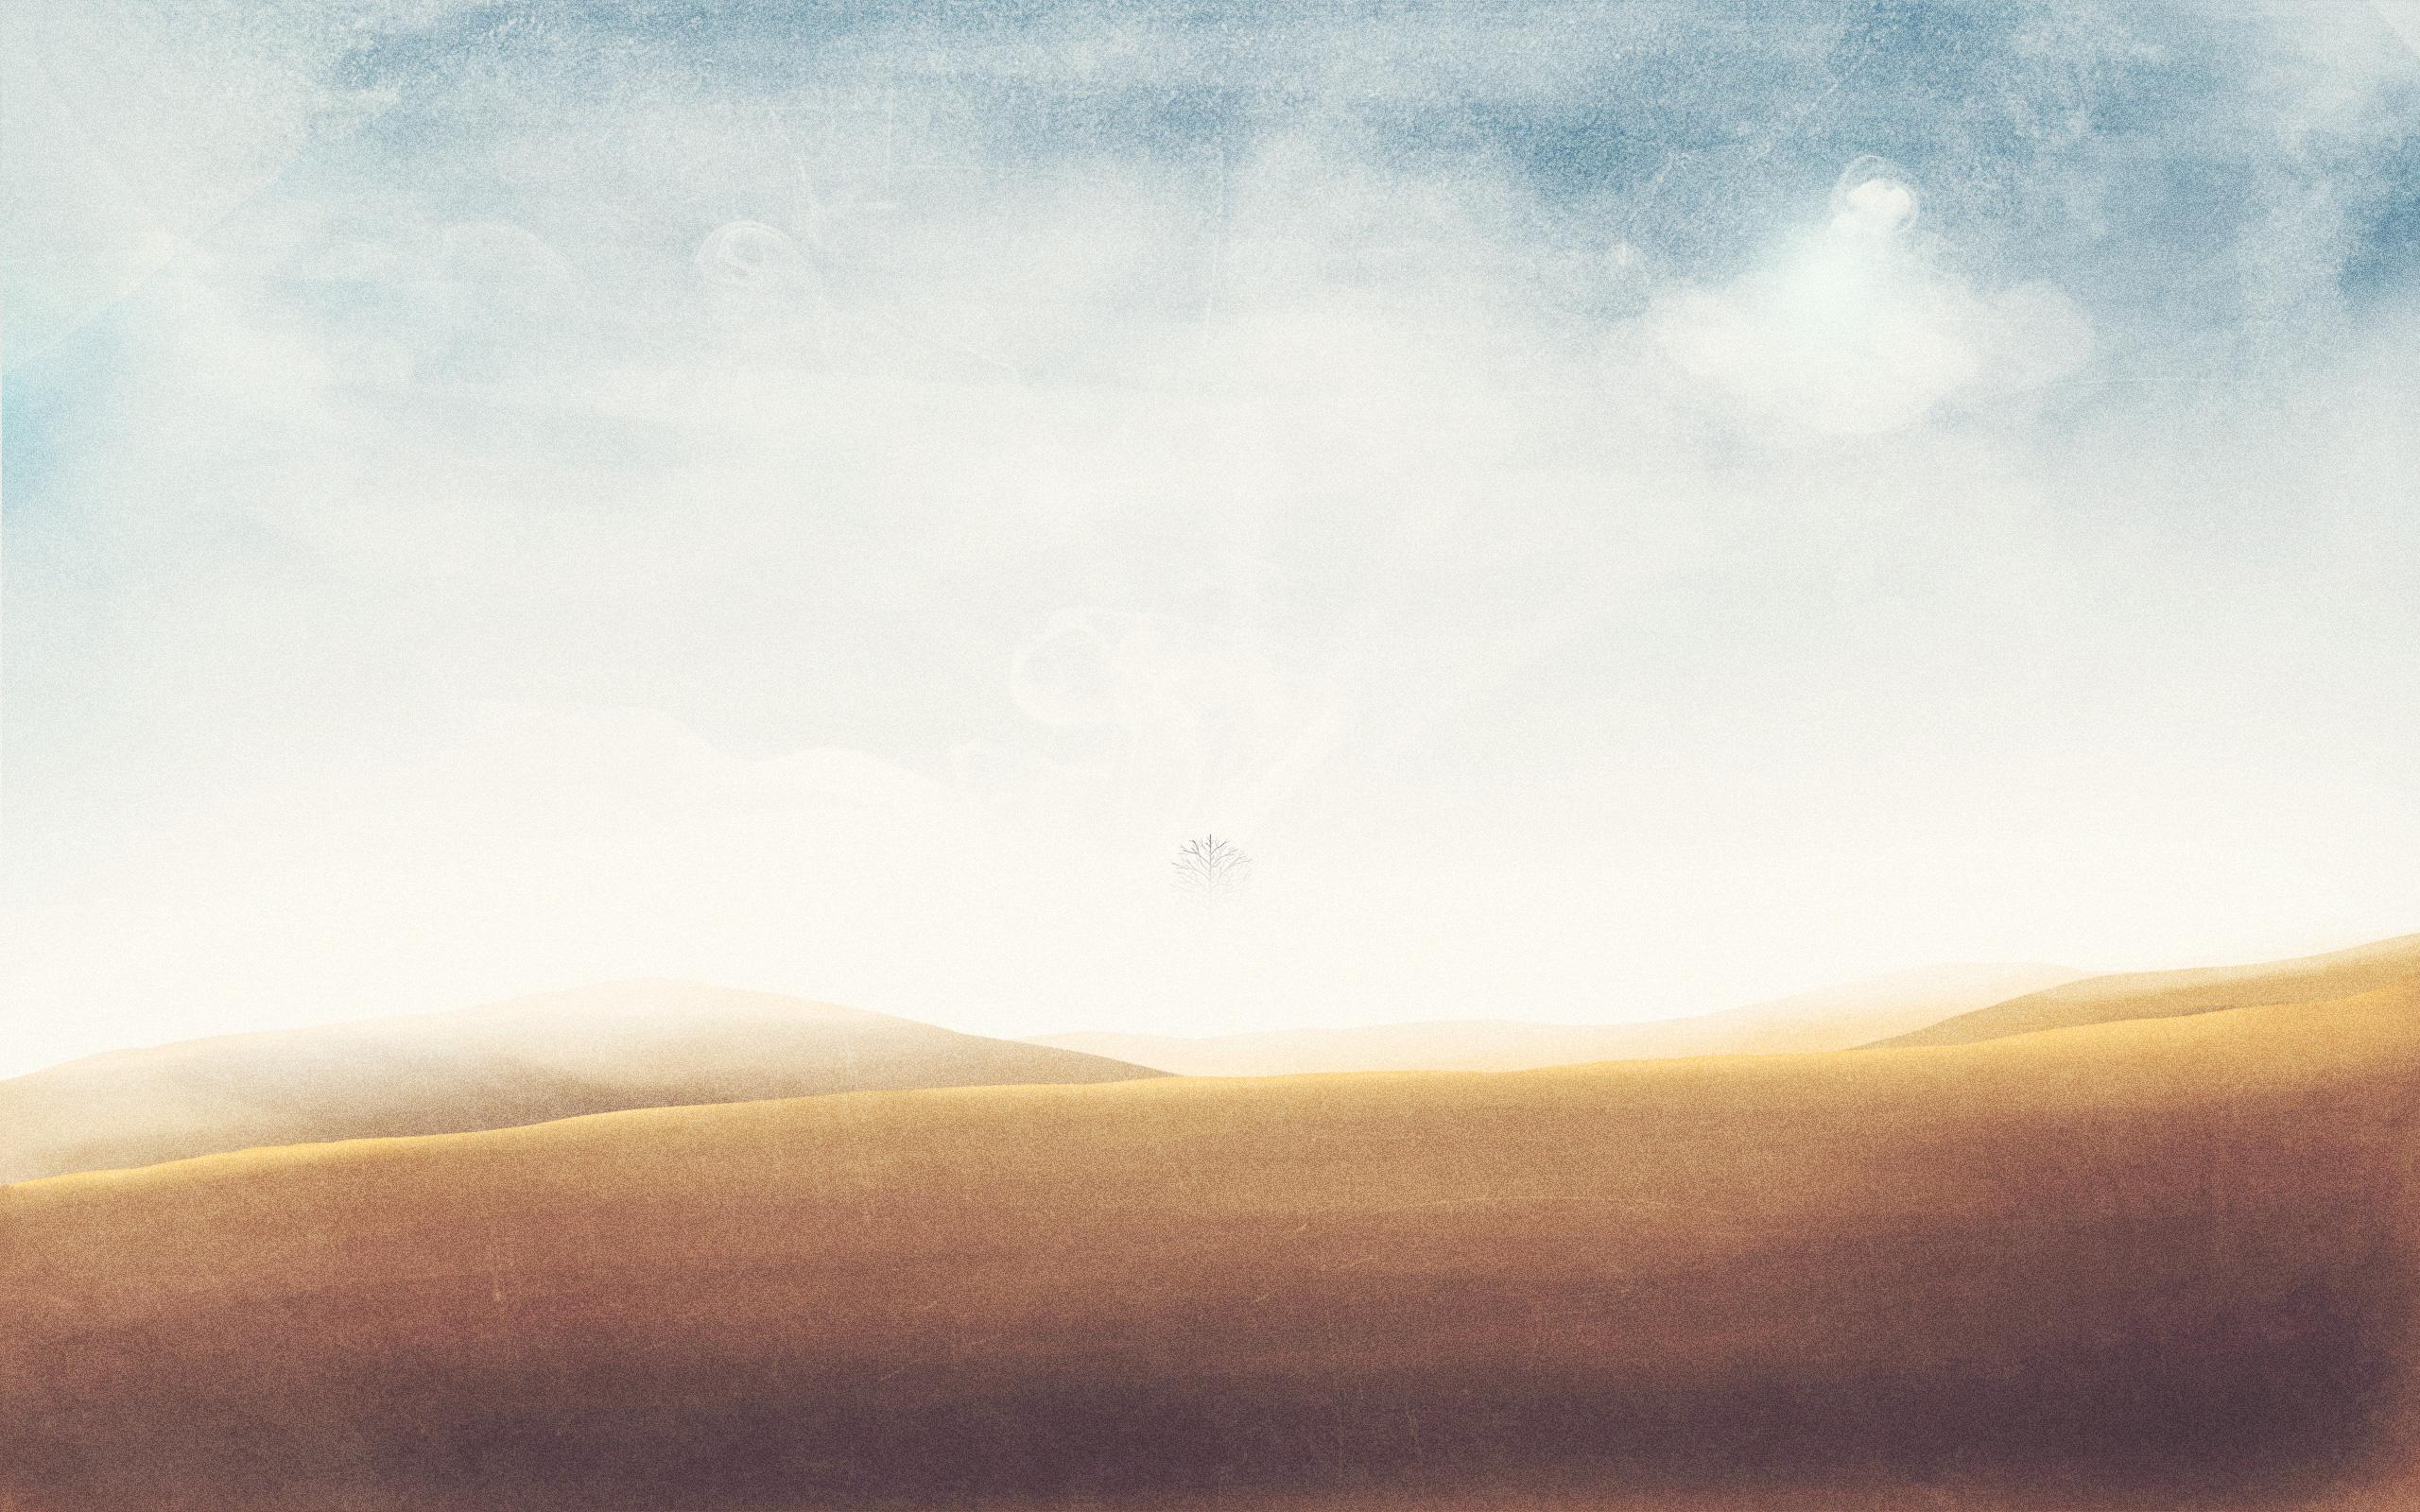 minimalist wallpaper 5728